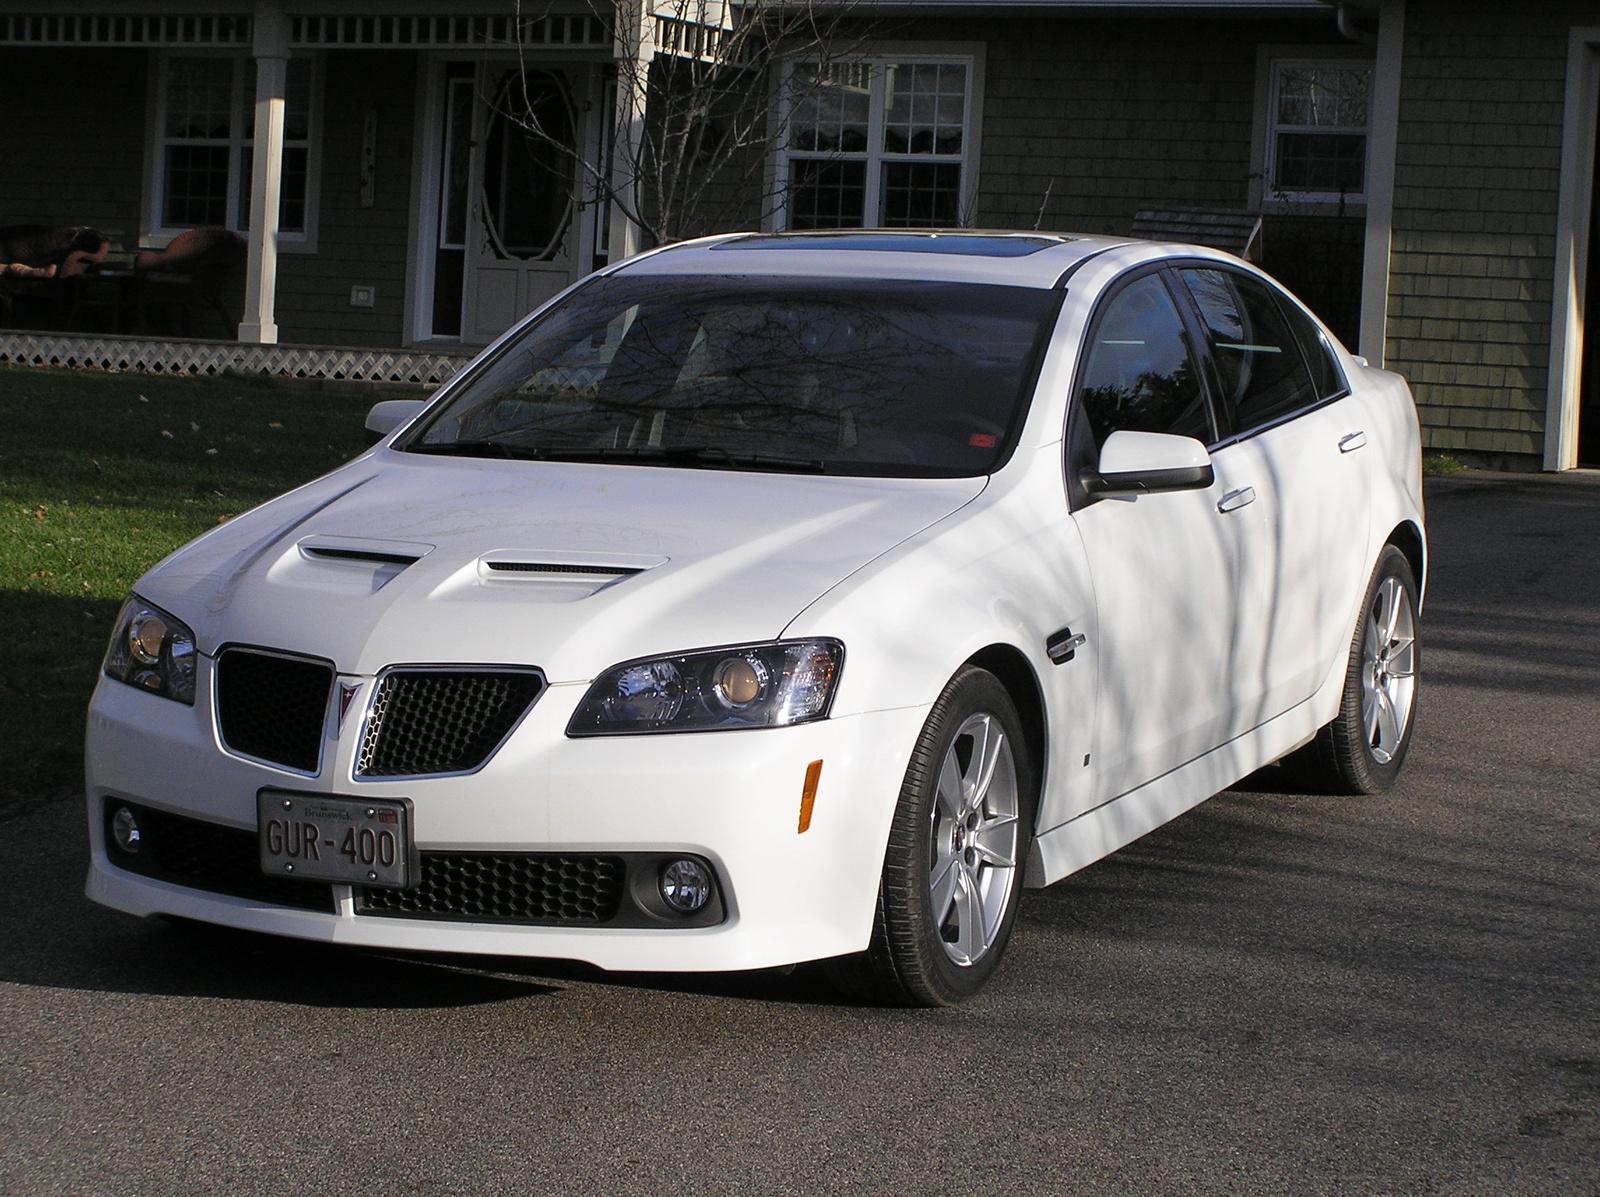 2009 Pontiac G8 Exterior Pictures Cargurus